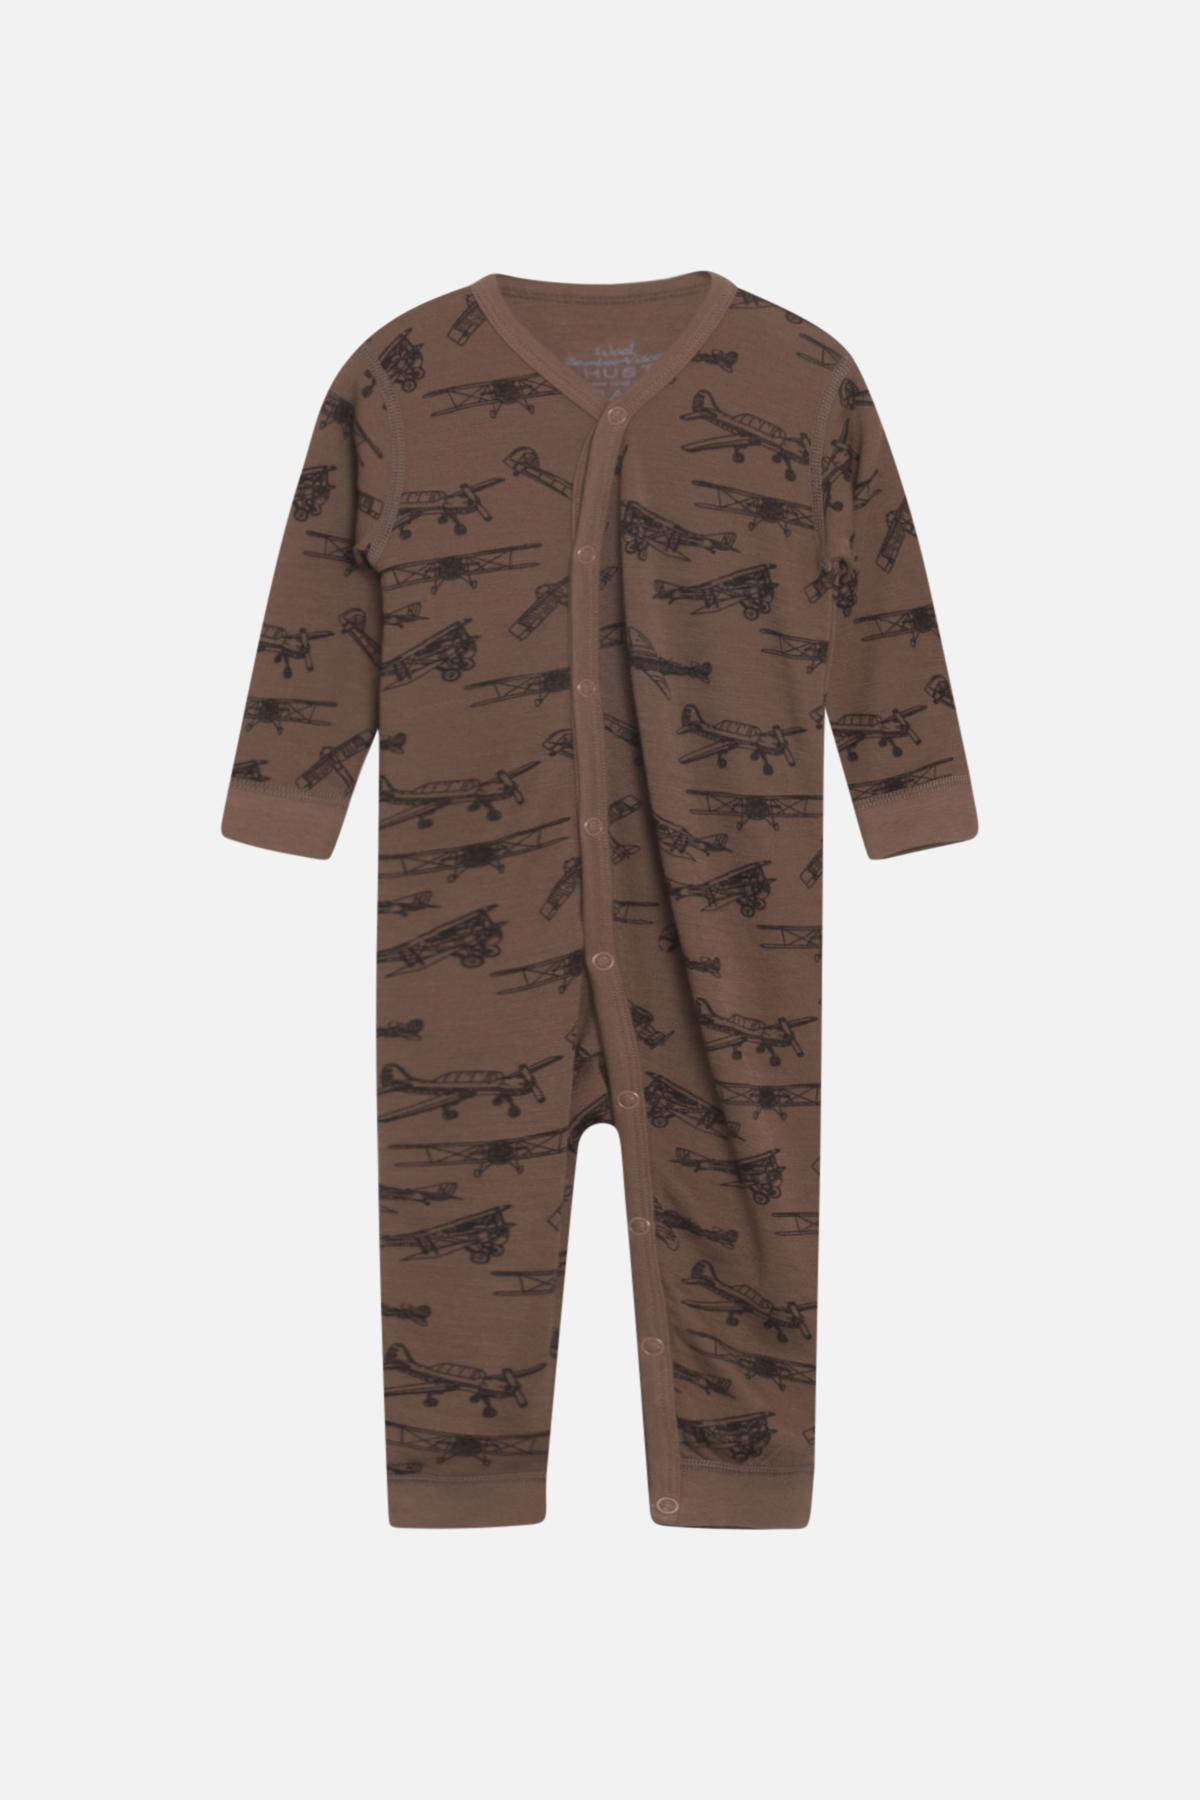 Kids Wool/Bamboo - Mala - Nightwear